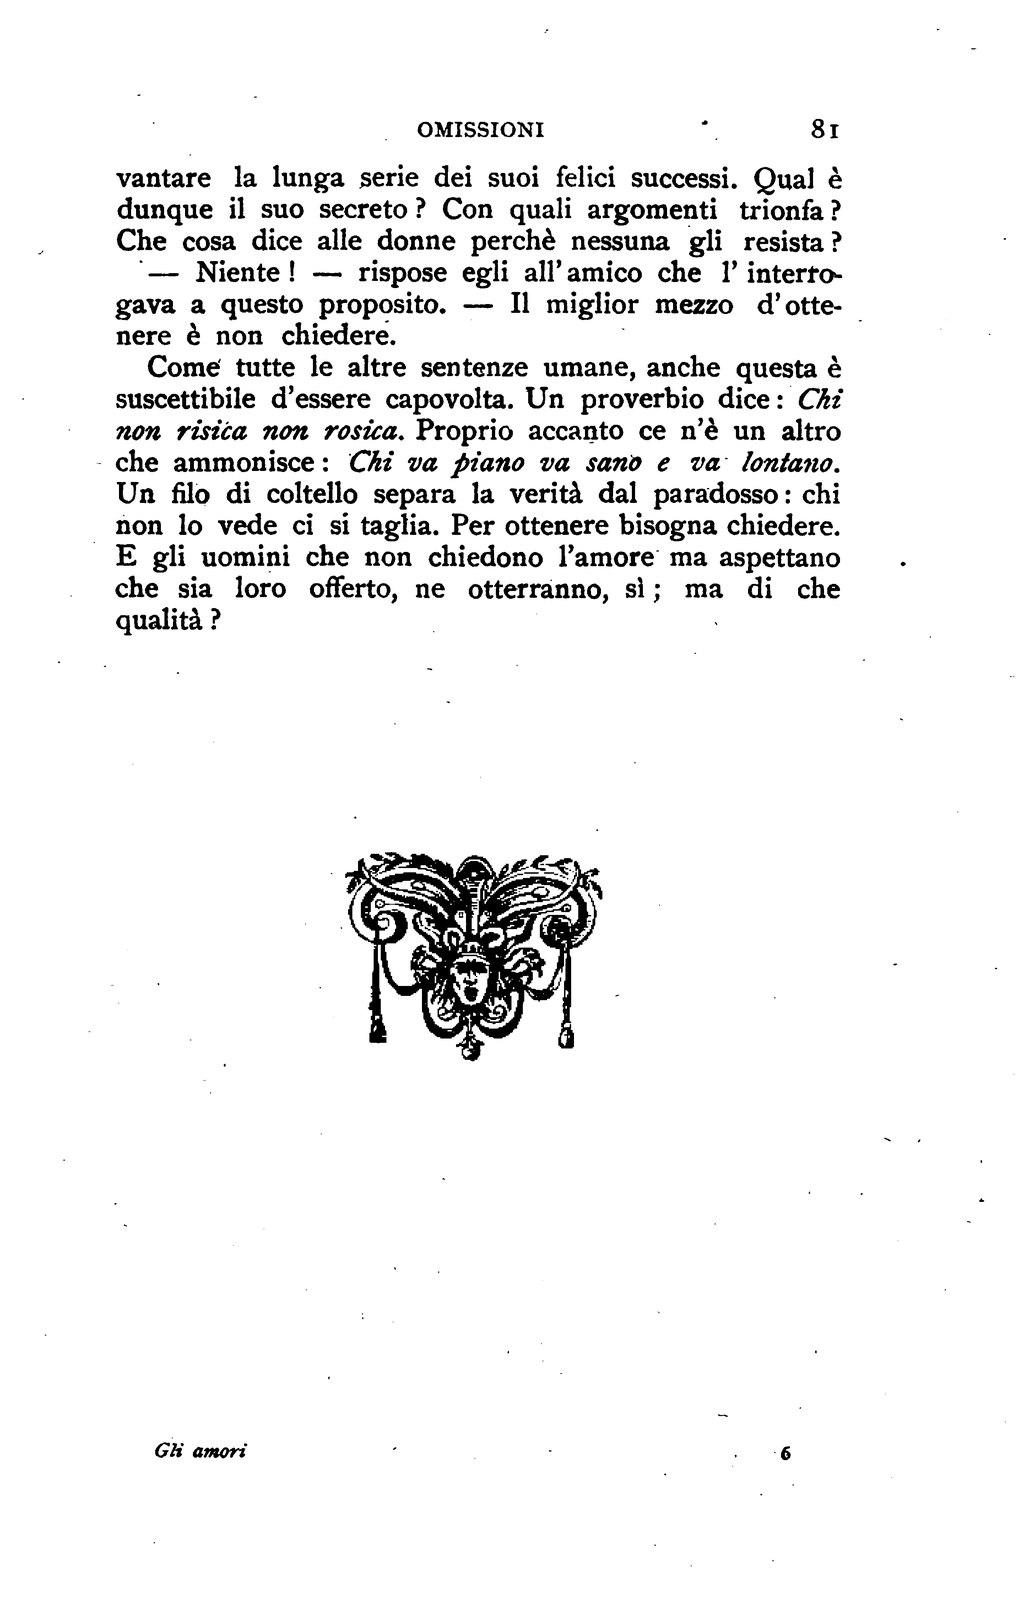 Amori De pagina:de roberto - gli amori.djvu/91 - wikisource